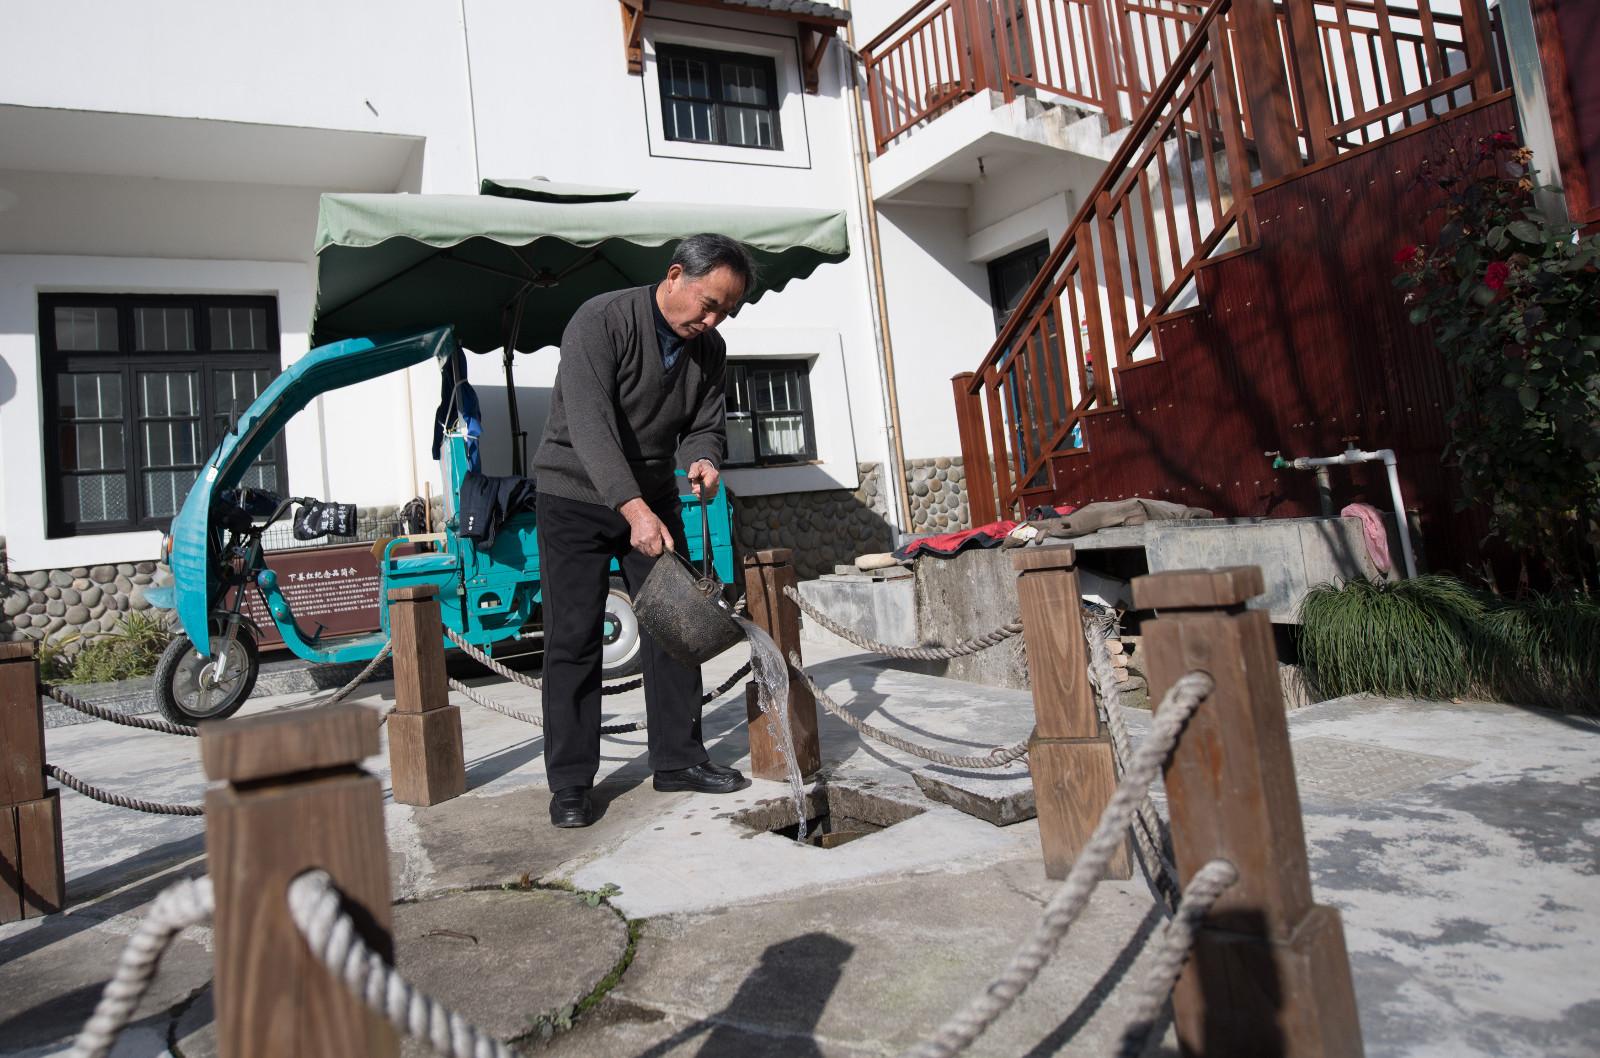 下姜村村民姜祖海给自家沼气池添水(1月10日摄)。新华社记者 翁忻旸 摄